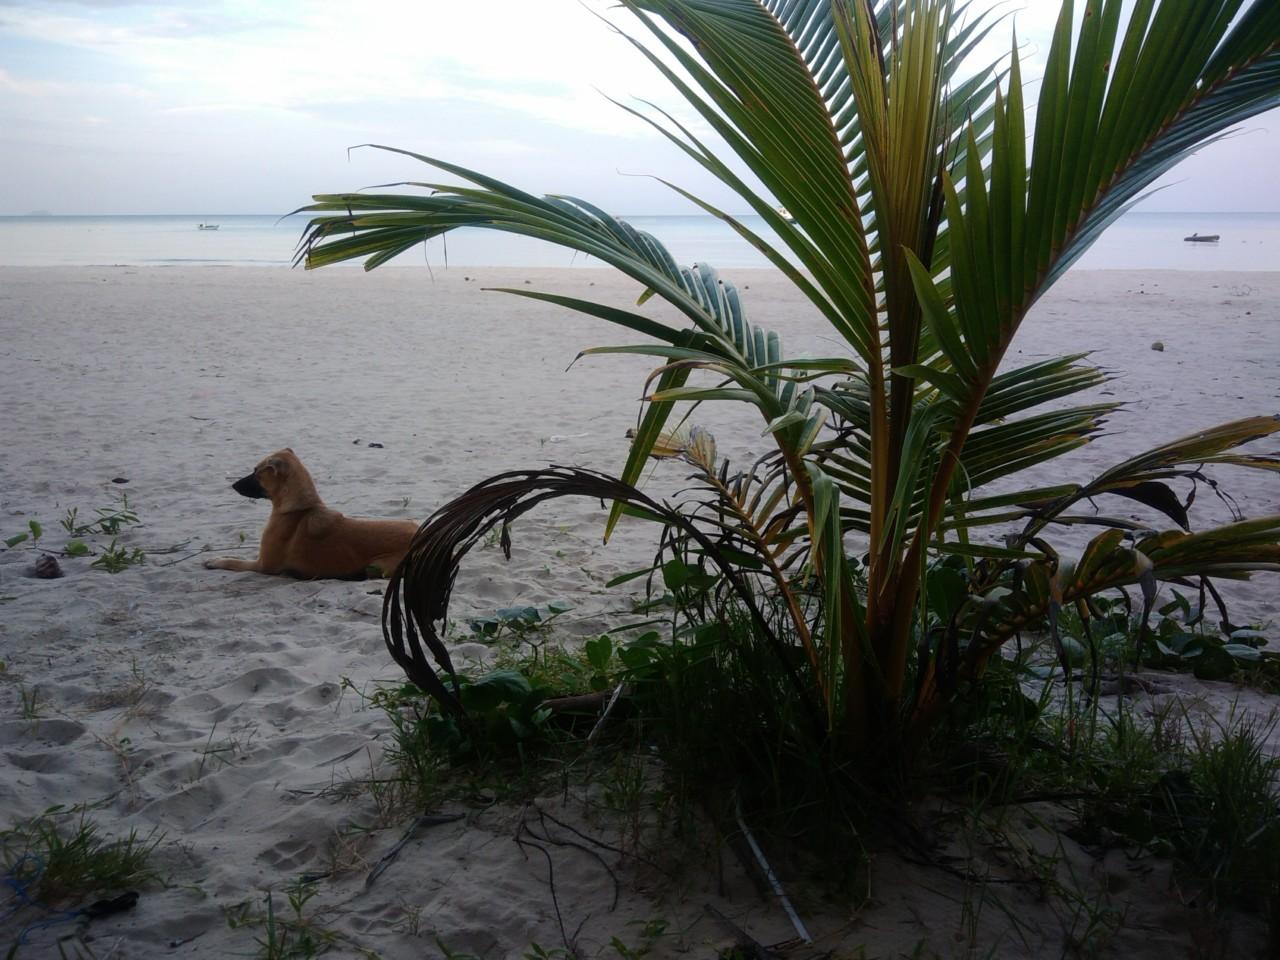 В Таиланде пляжные собаки покусали 7-летнего мальчика